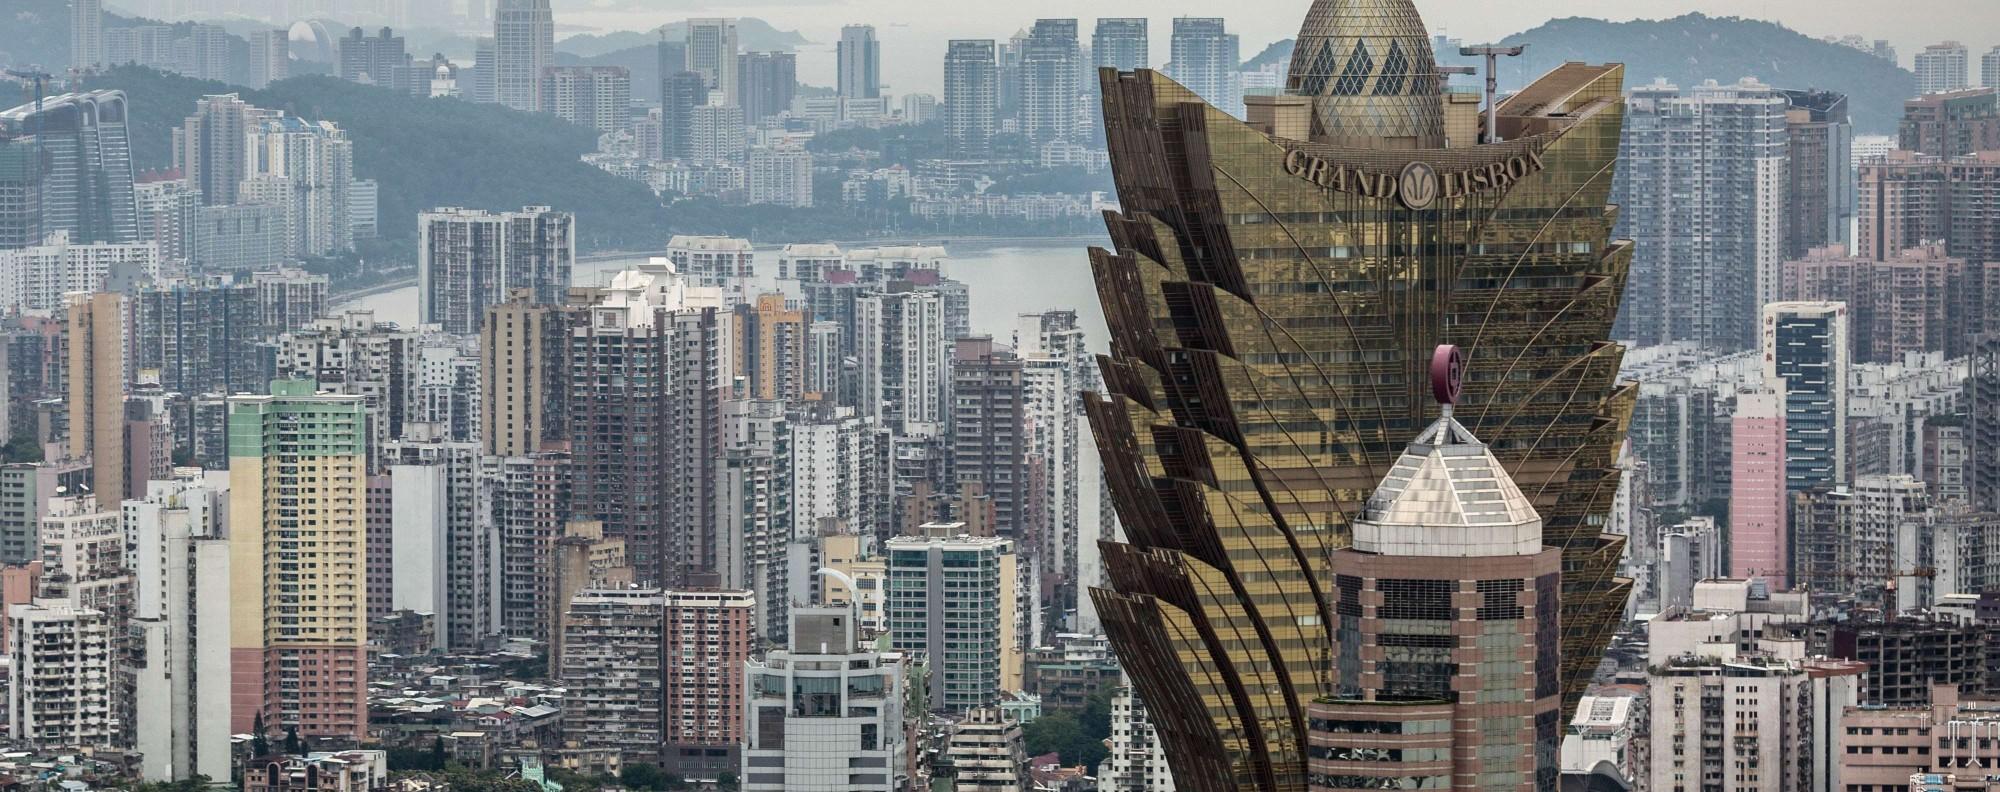 The Macau skyline. Photo: AFP